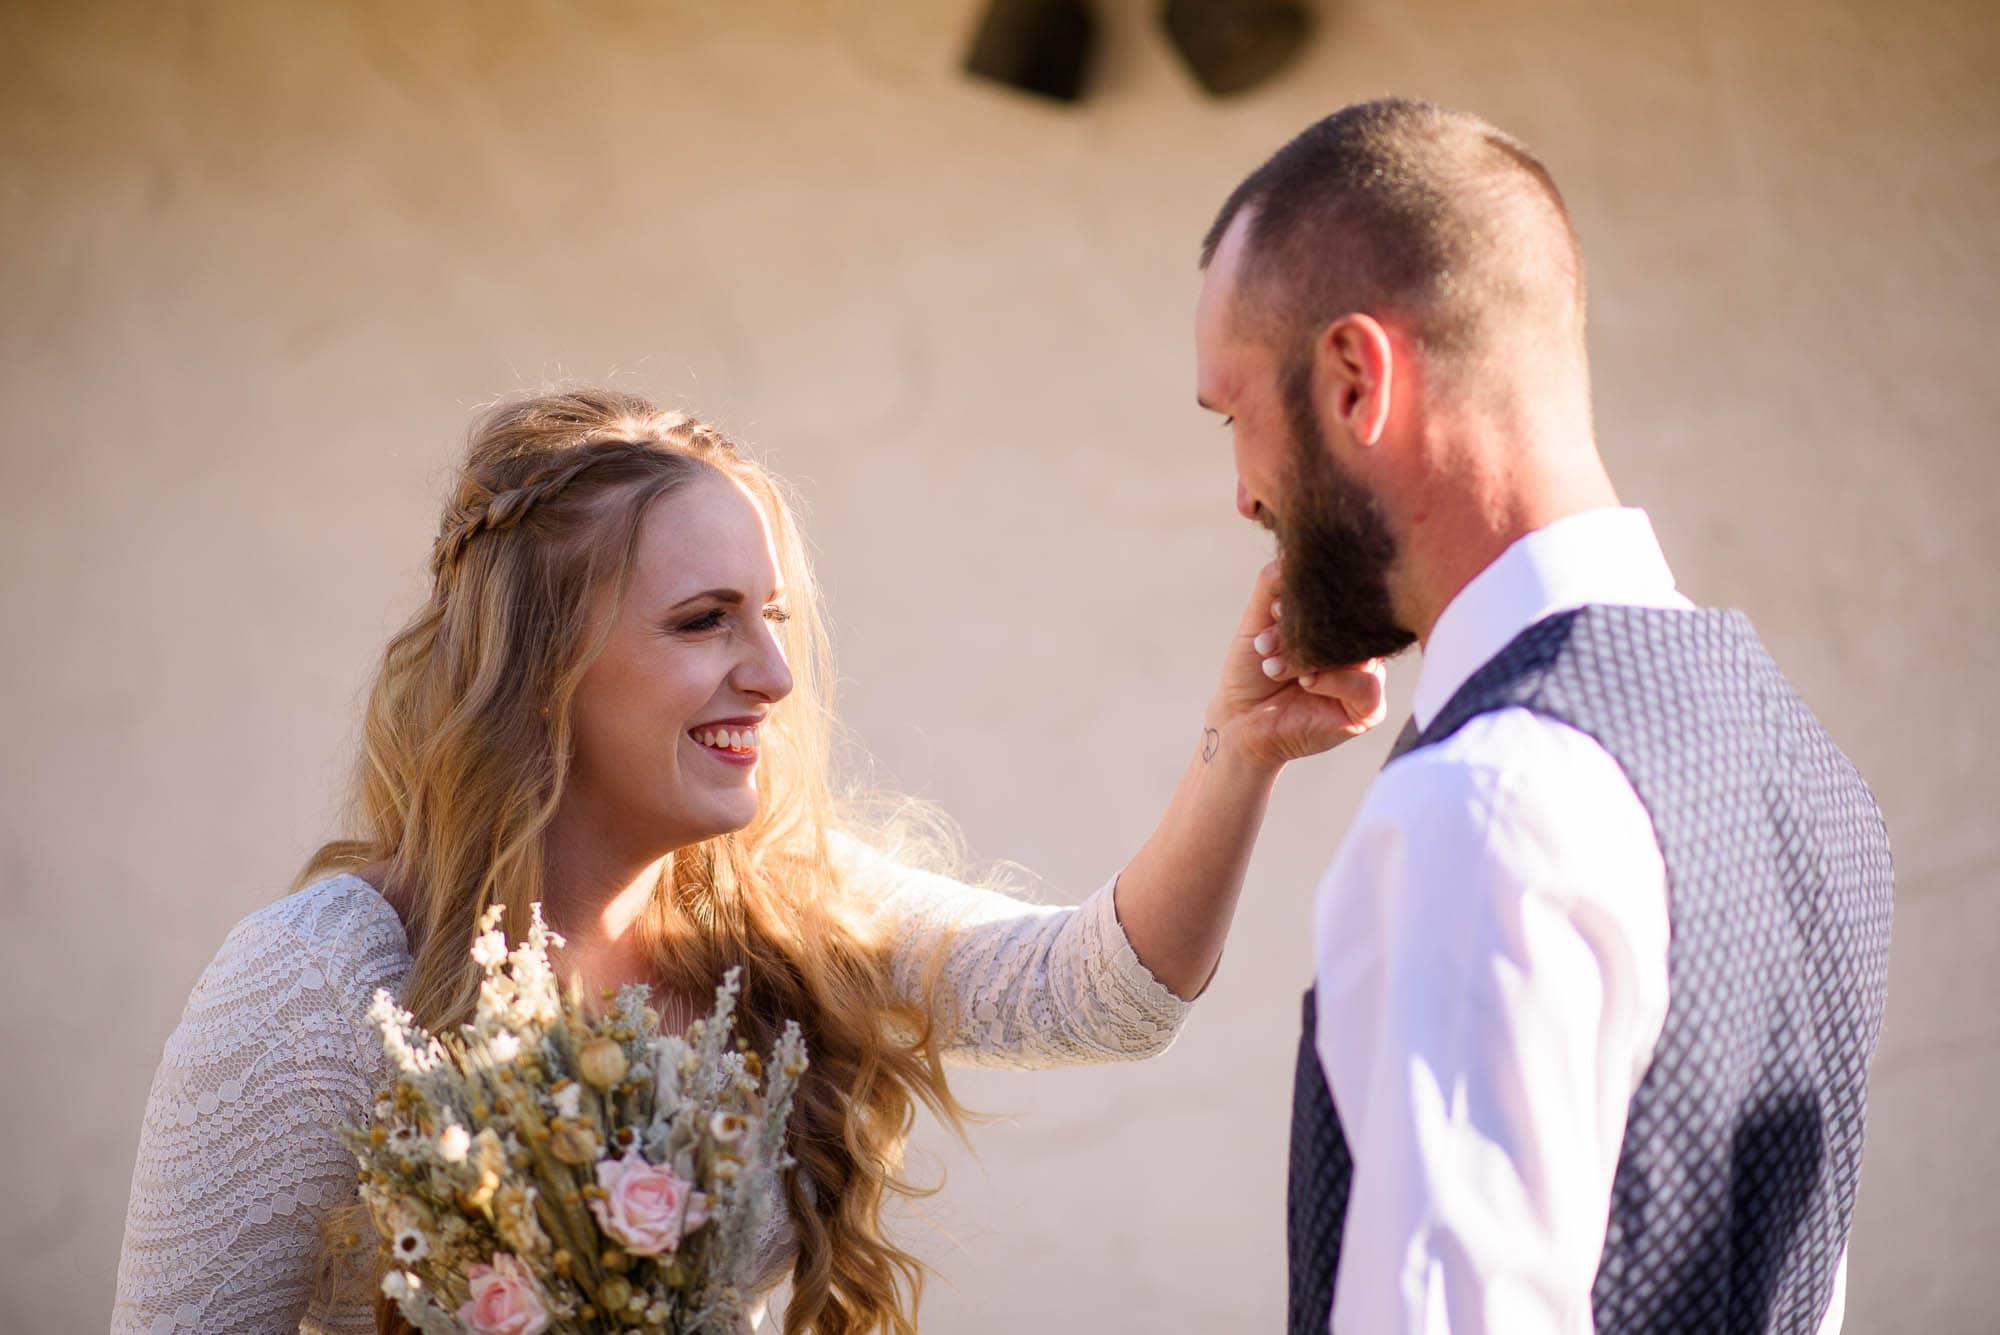 014_Alan_and_Heidi_Wedding_Abby_Tyler